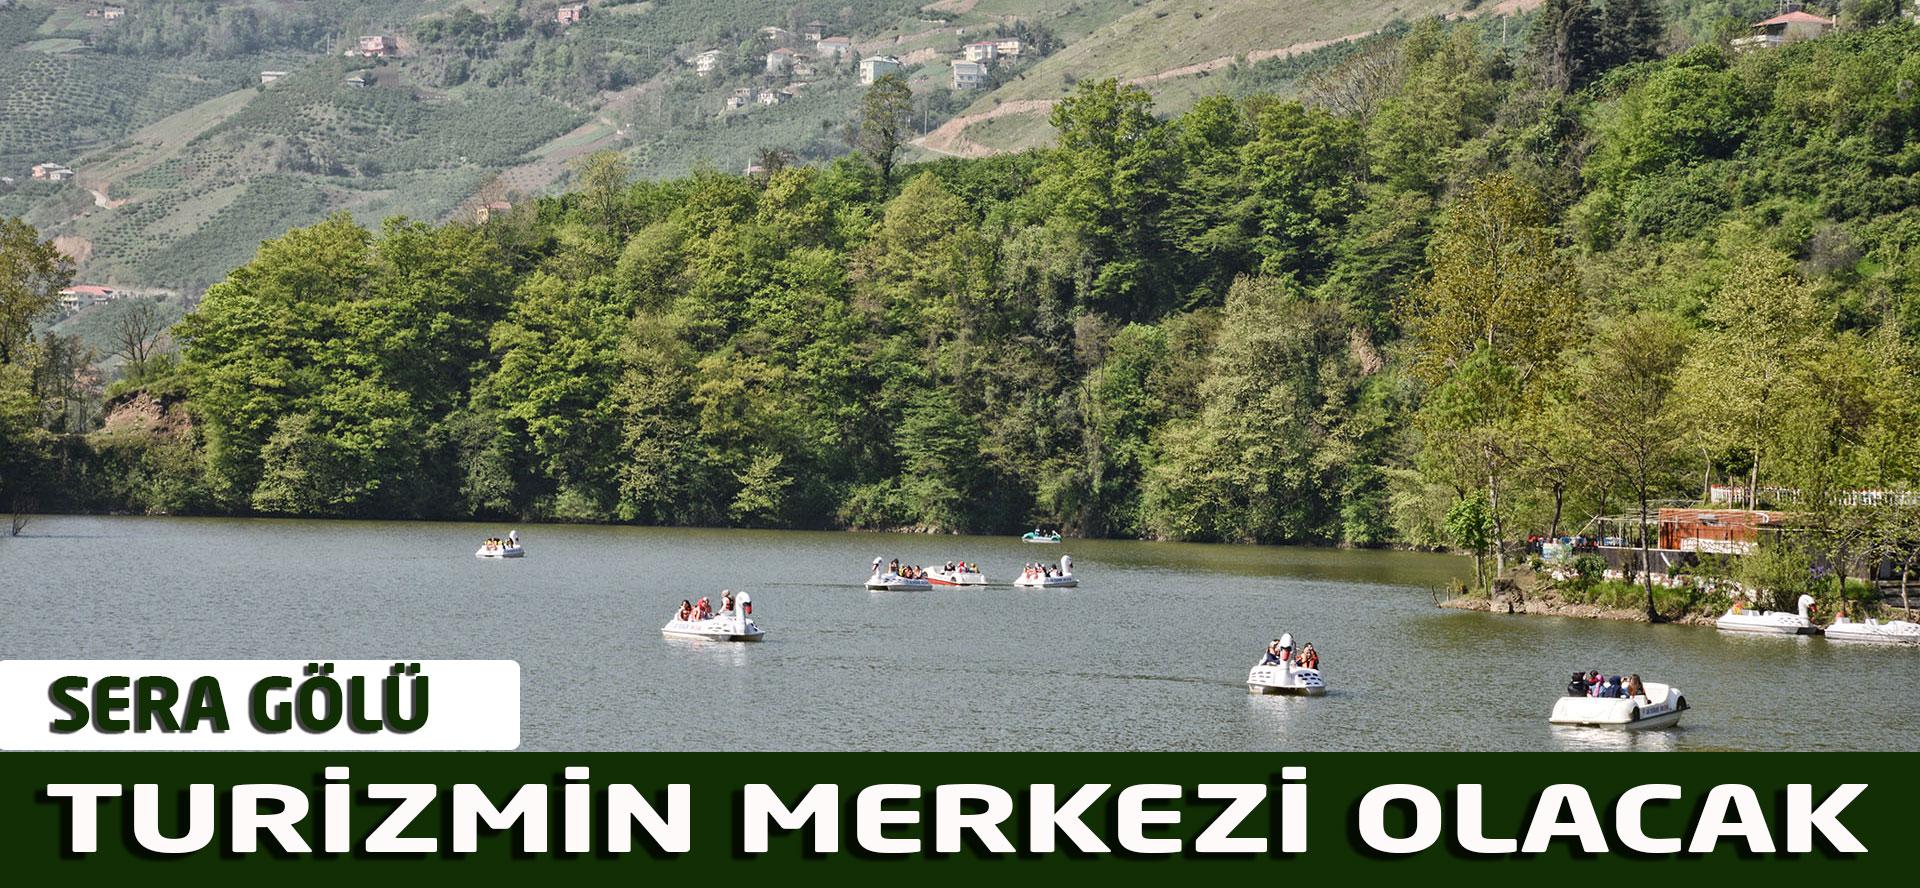 Sera Gölü turizmin merkezi olacak